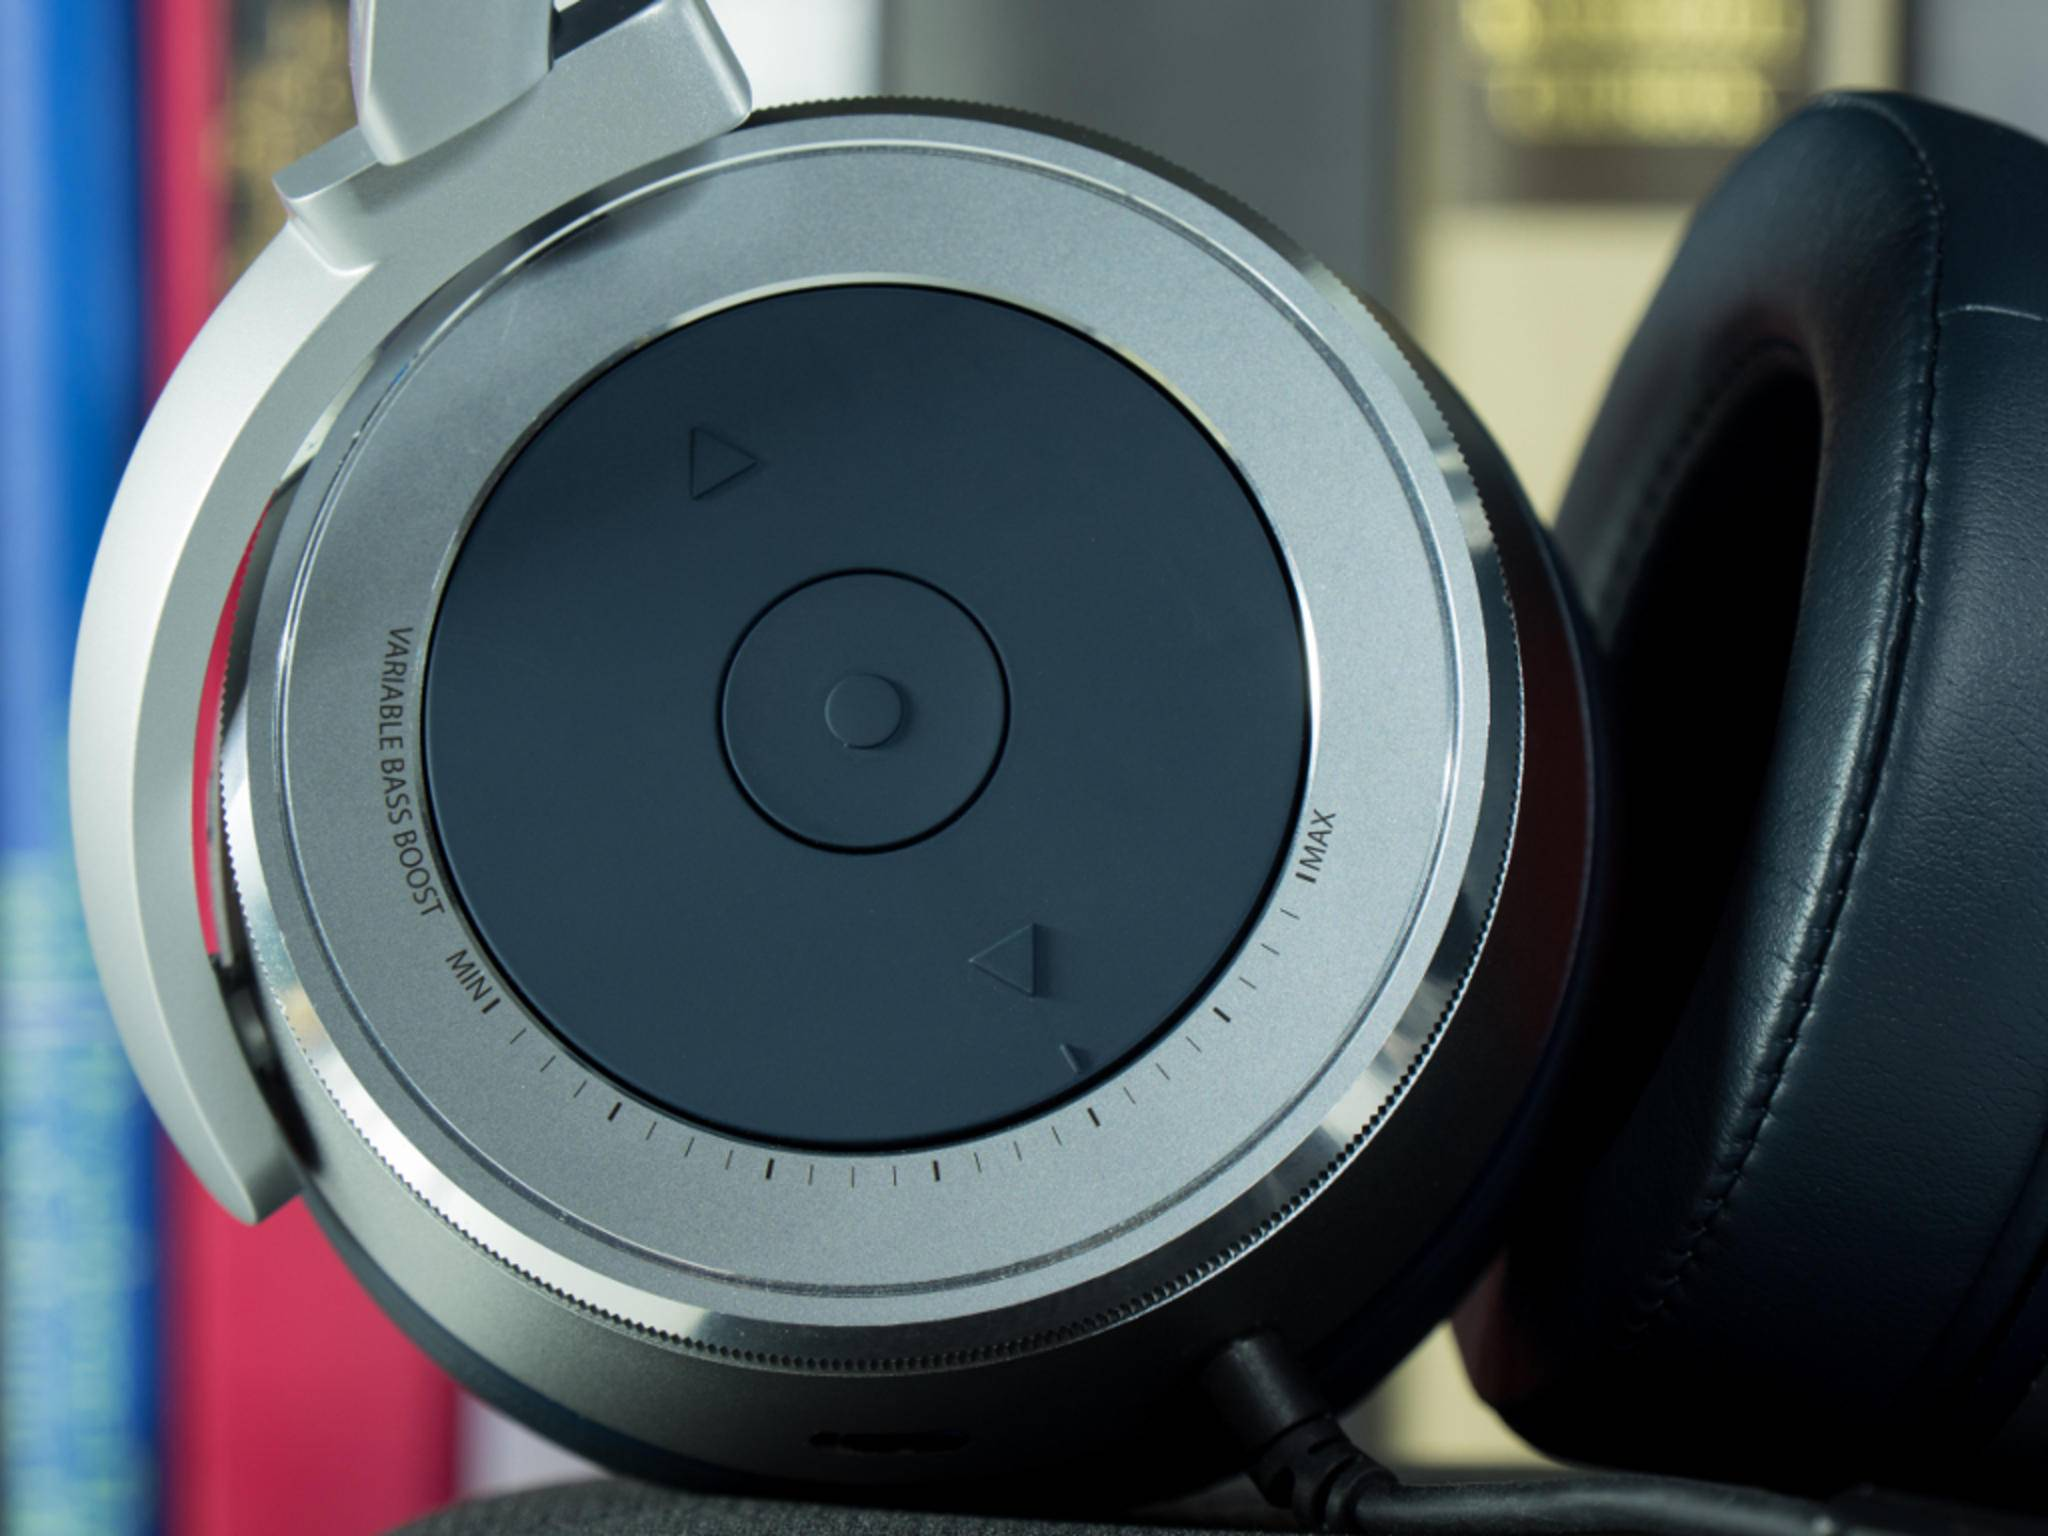 Auf der rechten Ohrmuschel sitzen auch die Bedienelemente für die Lautstärkeregelung.